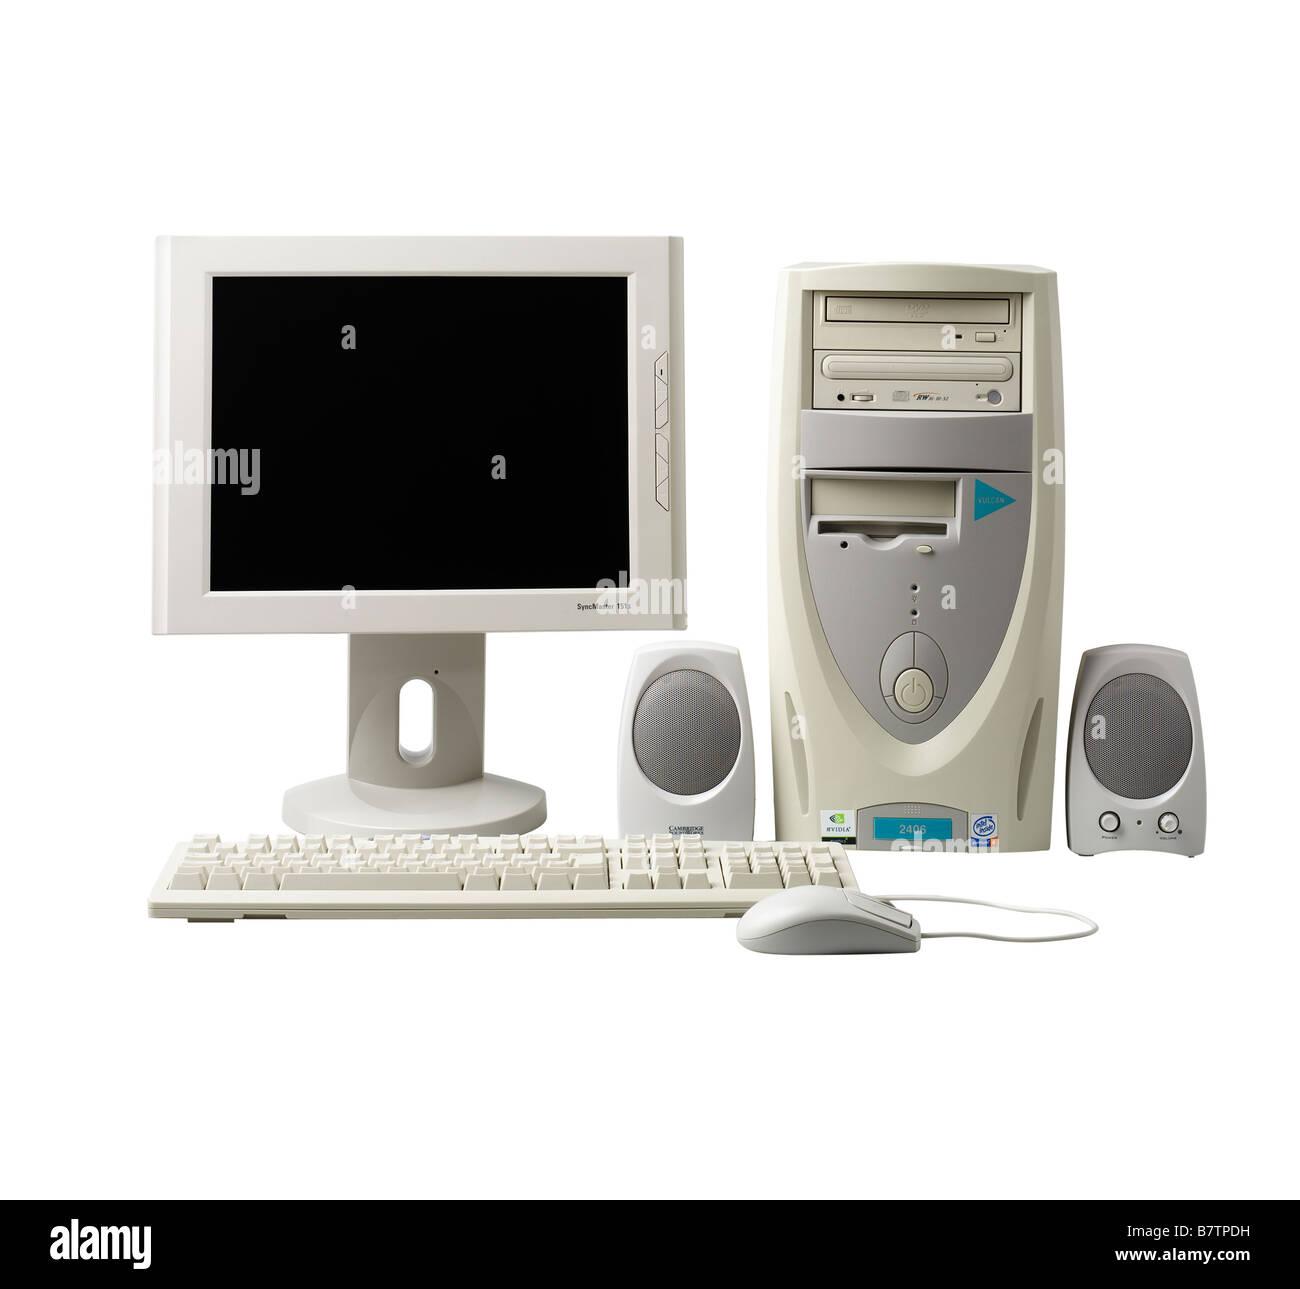 Equipo de la pantalla y el teclado de la torre Imagen De Stock